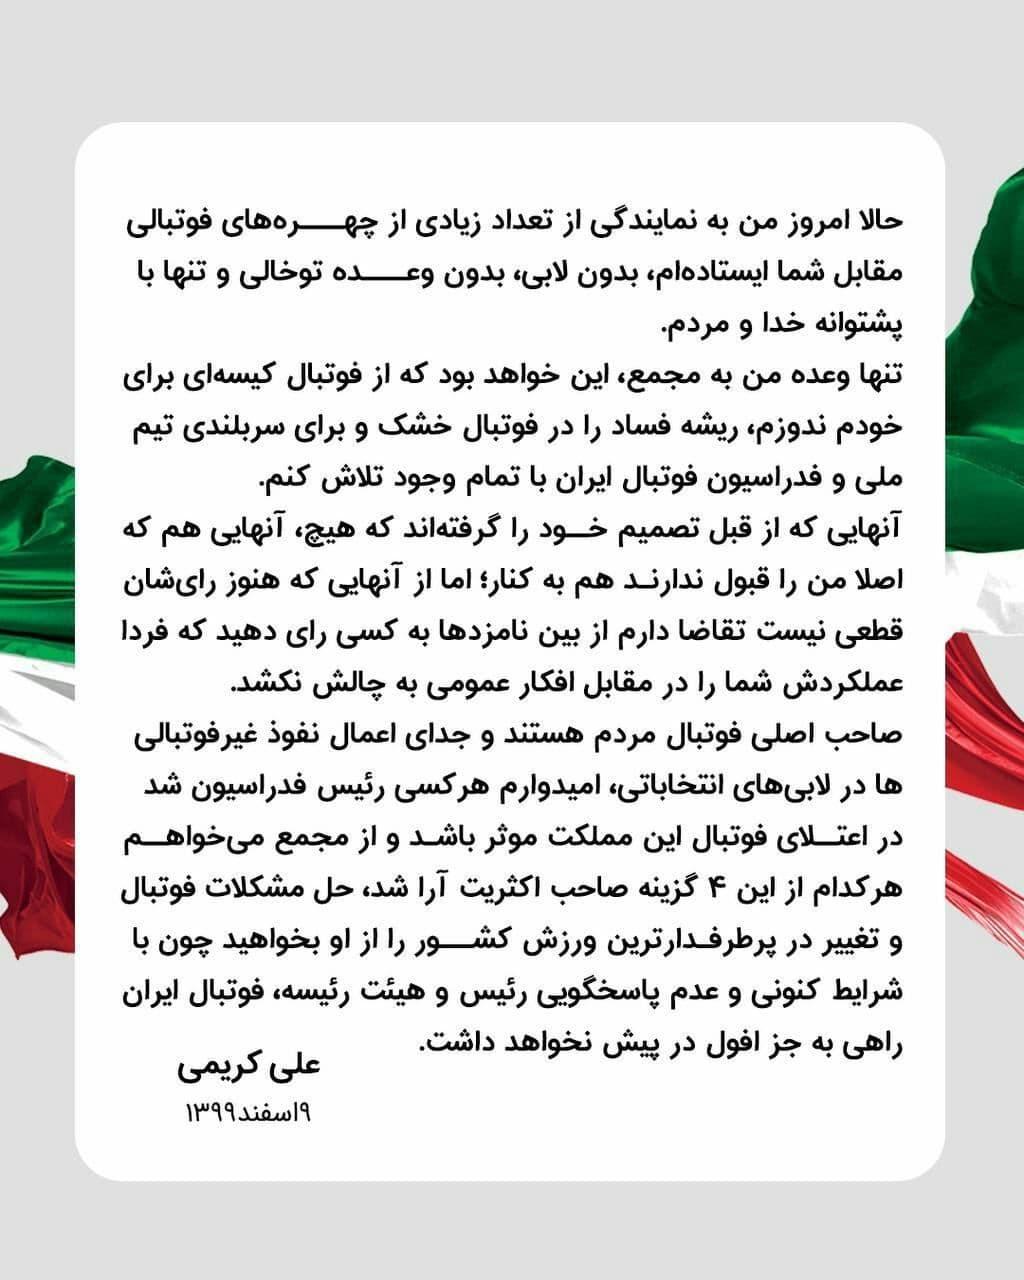 بیانیه علی کریمی برای انتخابات فدراسیون فوتبال